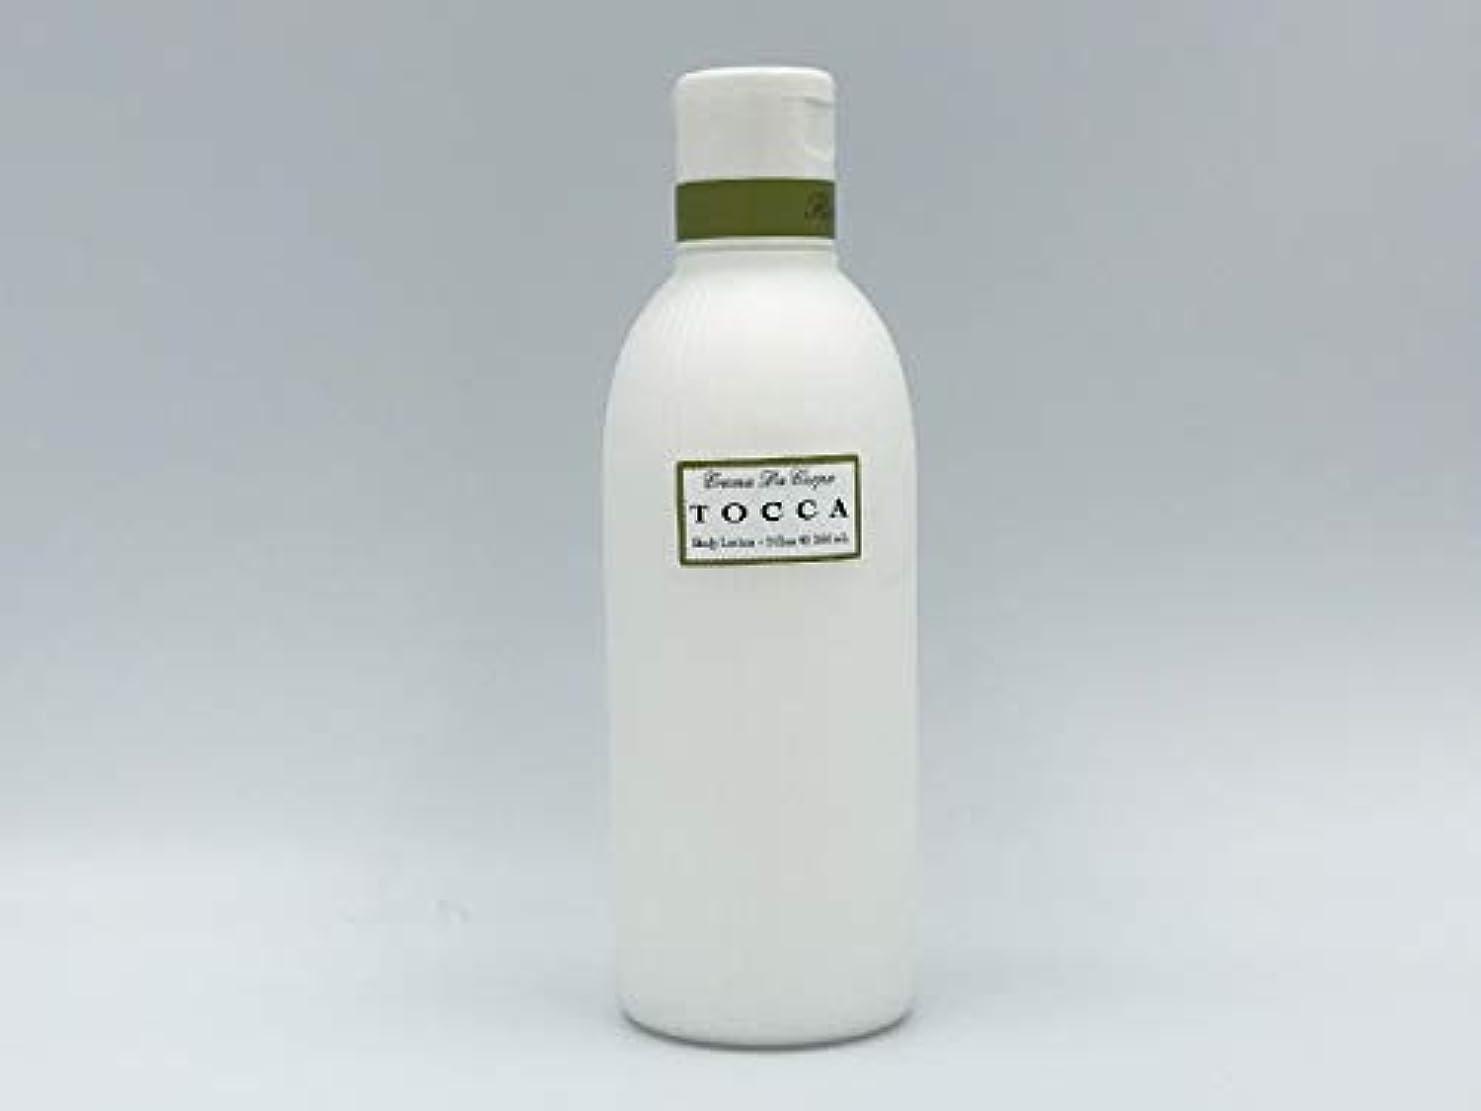 トッカ TOCCA ボディローション フローレンス 266ml (香水/コスメ) 新品 [並行輸入品]